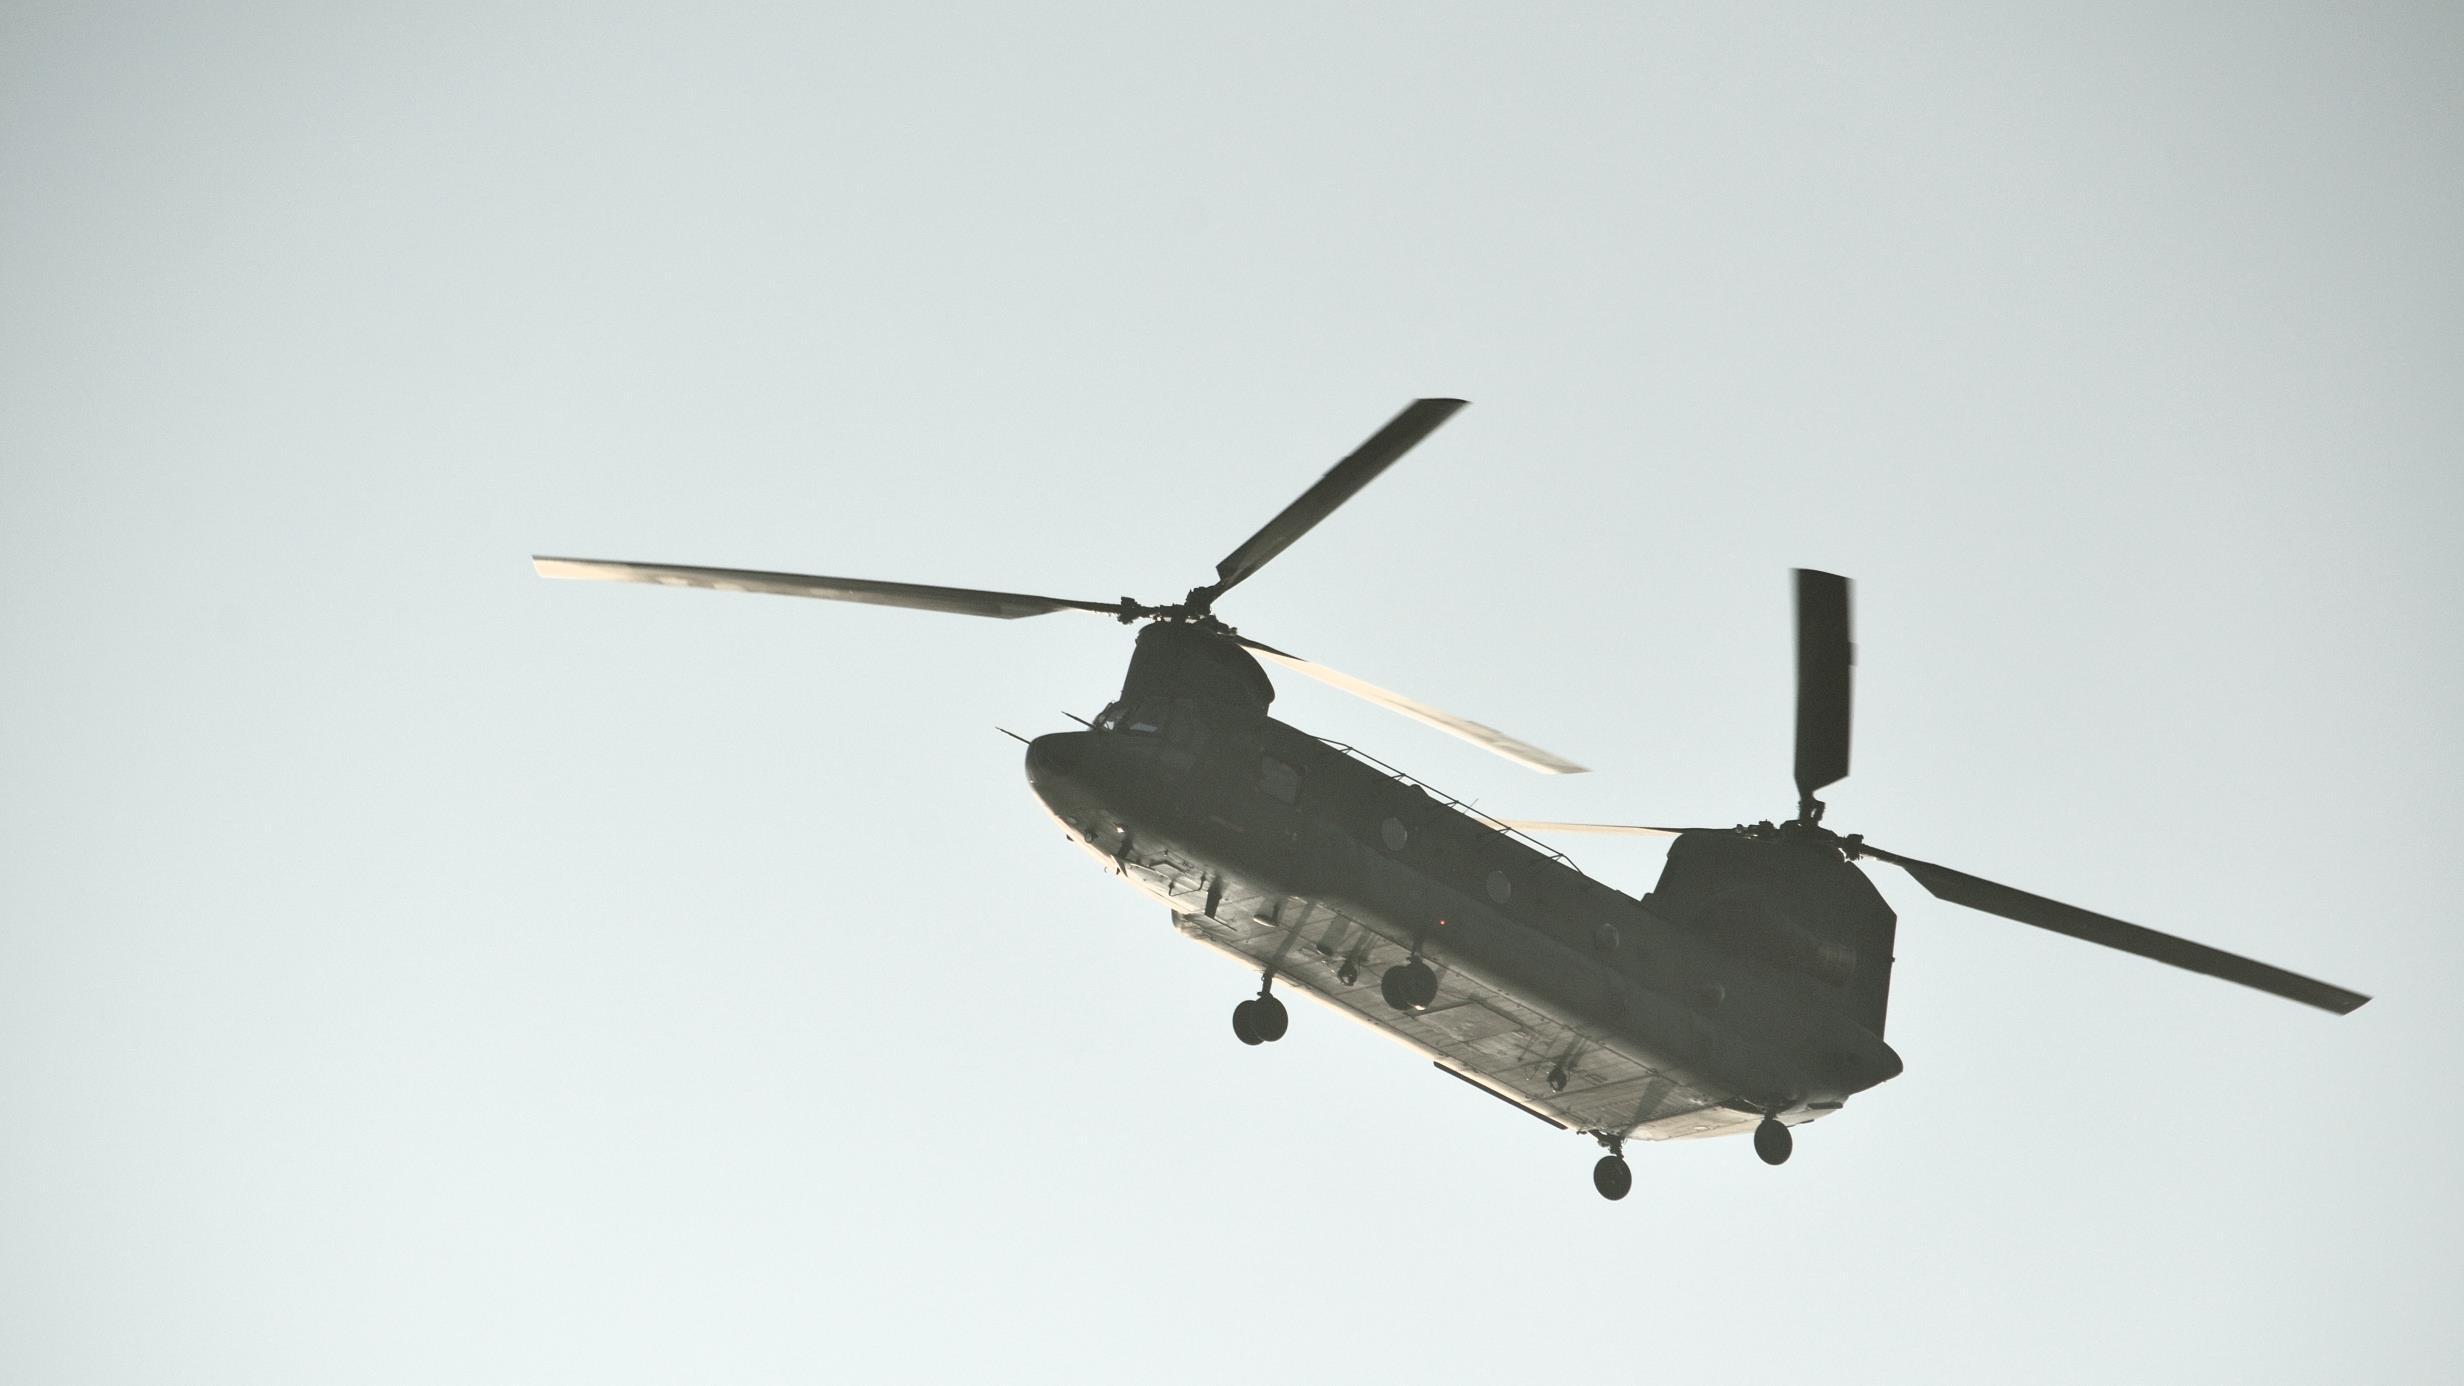 Chinooks boven twente vanwege militaire oefening